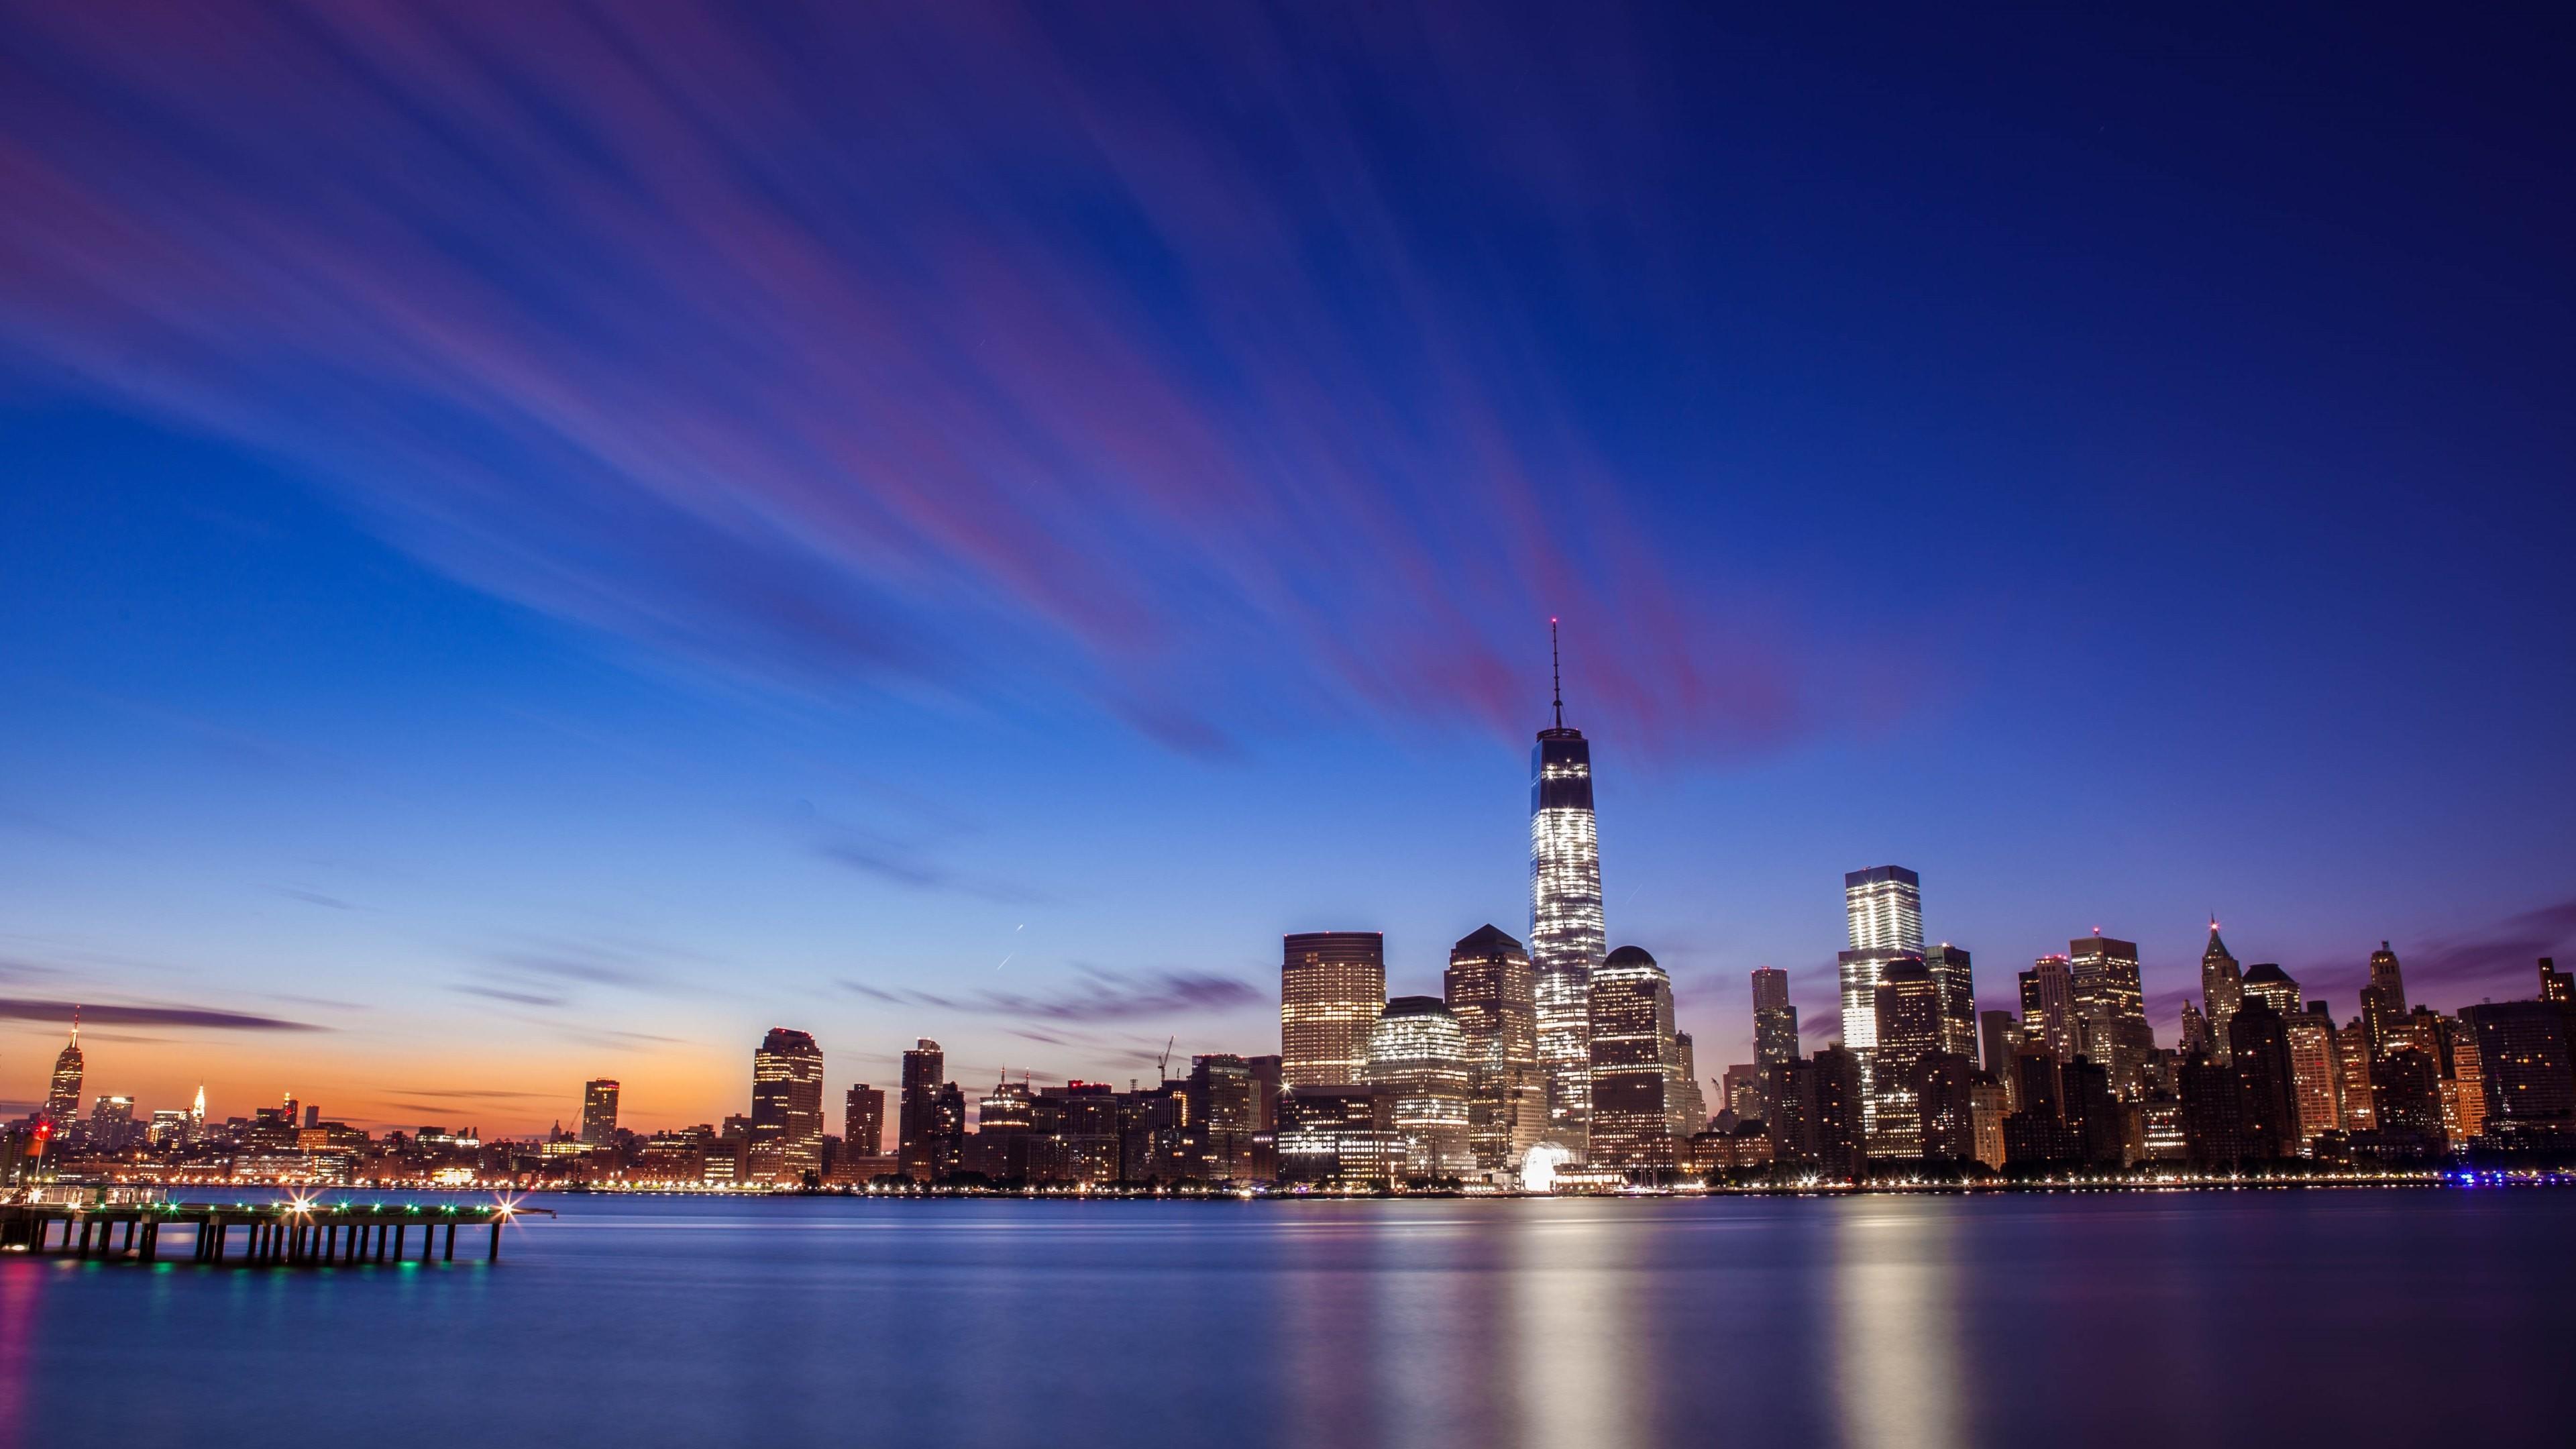 Wallpaper: New York City Skyline Sunrise